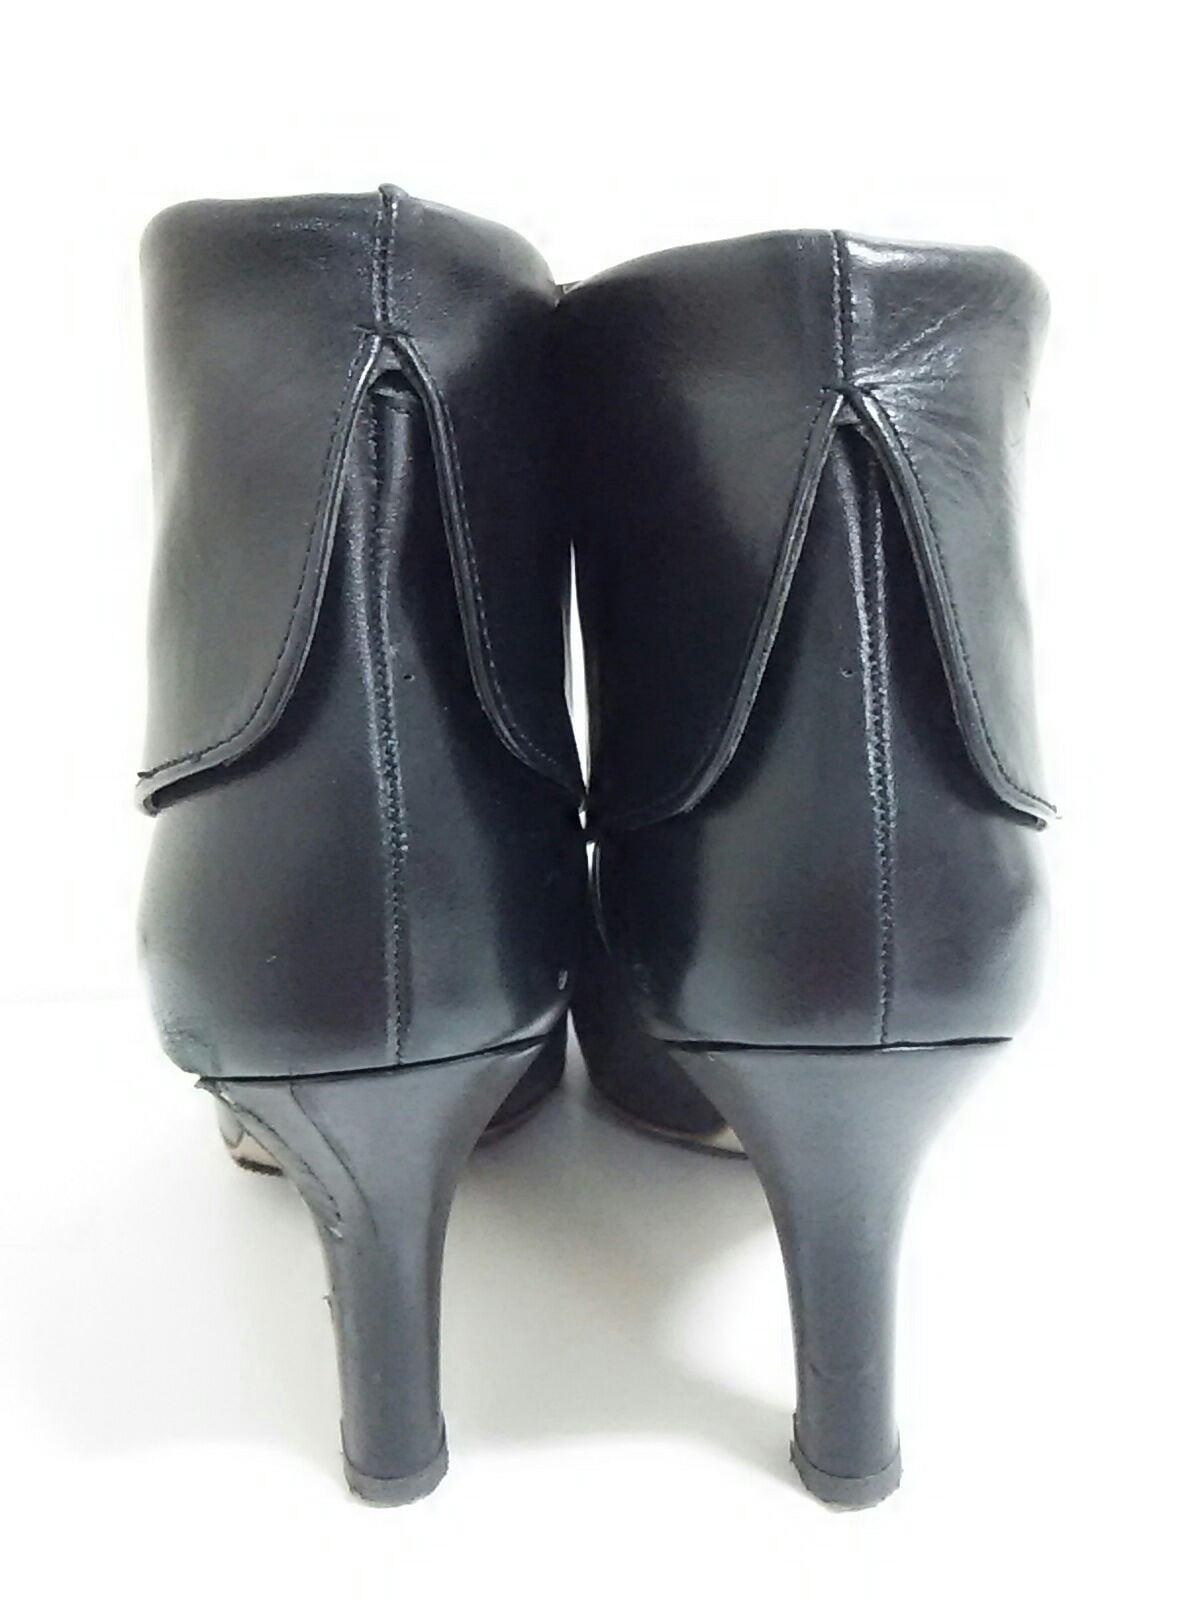 CROLLA(クローラ)のブーツ